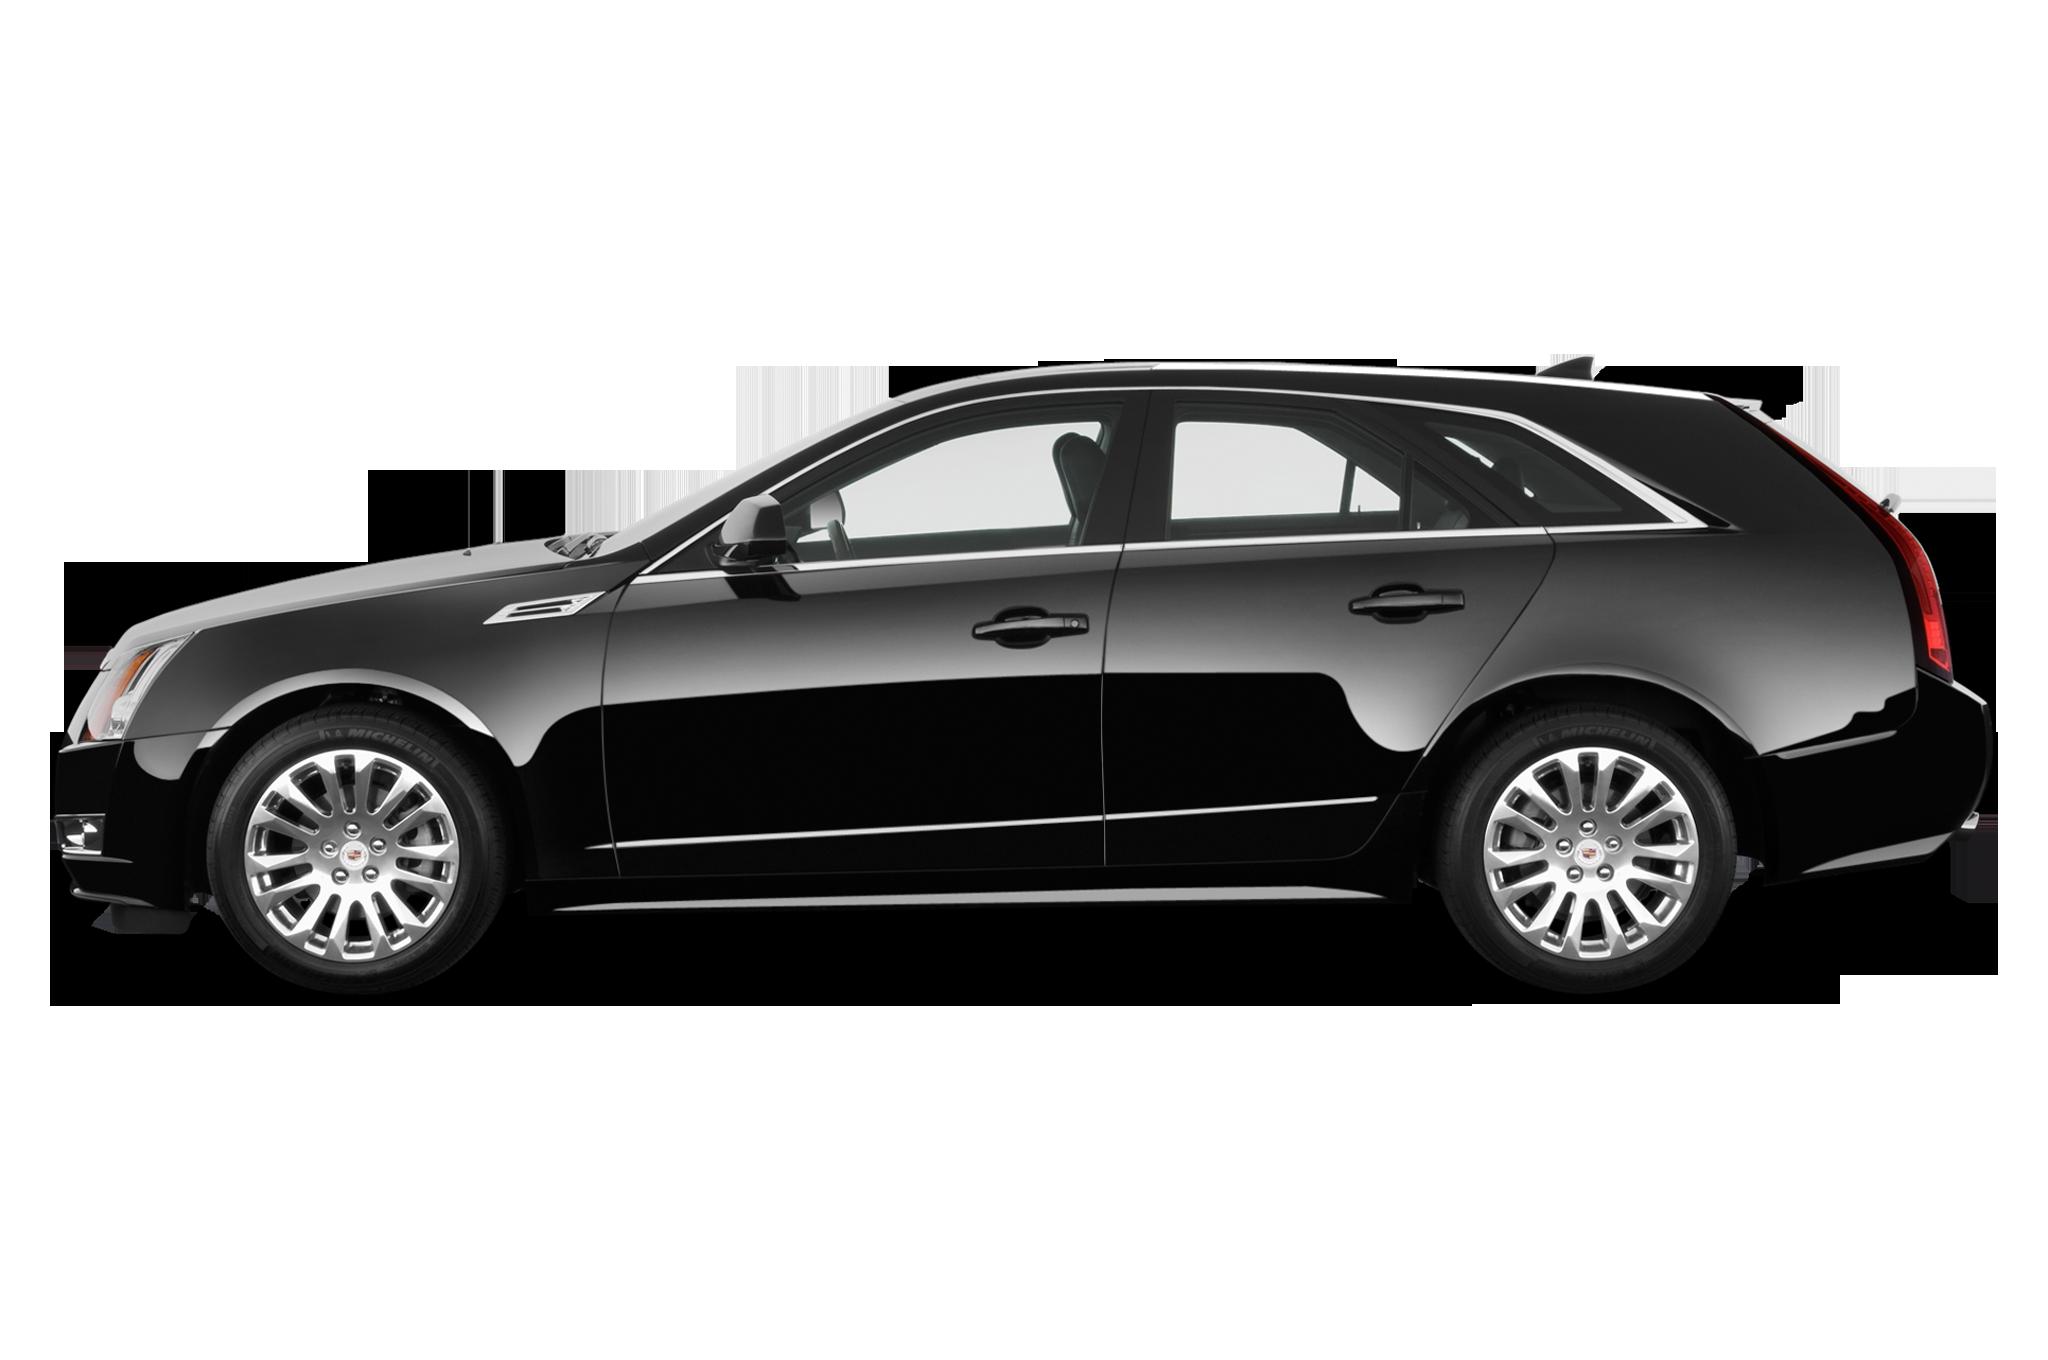 2010 Cadillac Cts Sport Wagon Cadillac Cts Wagon